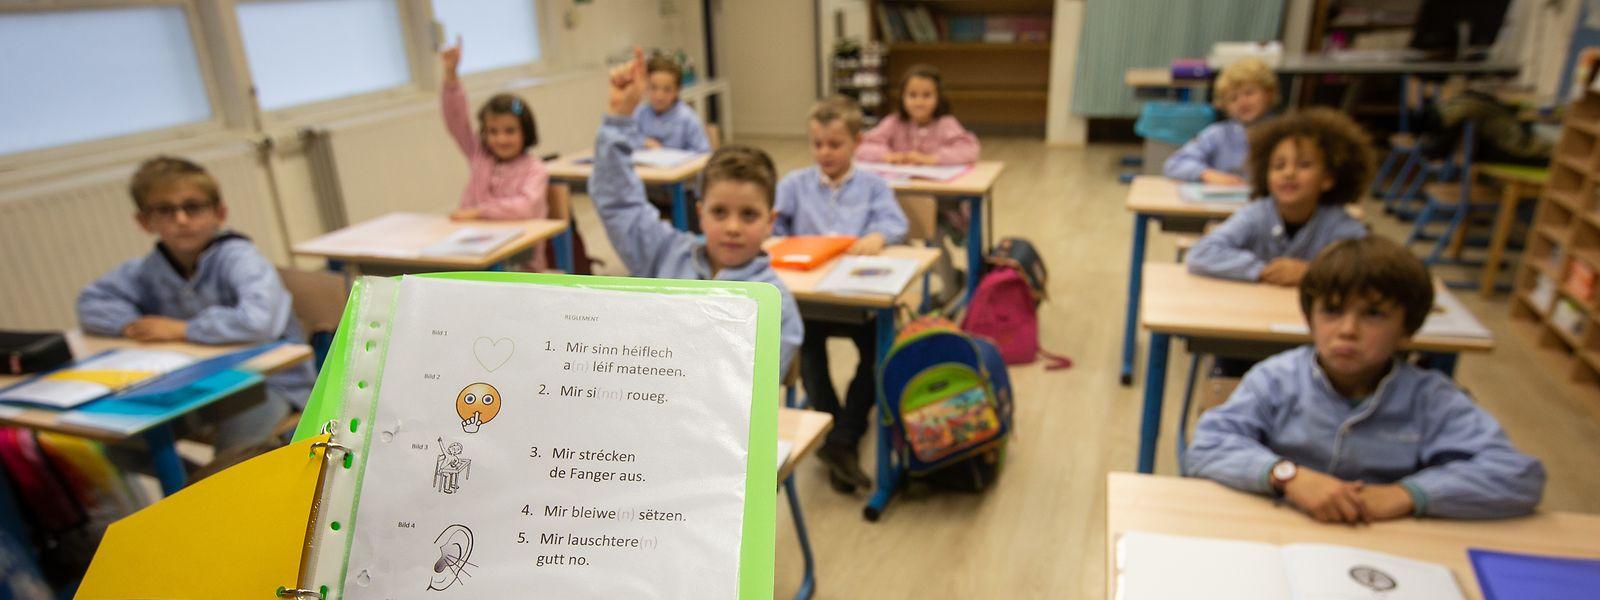 Le Luxembourg a fait le choix d'élargir les modalités de recrutement pour étoffer ses effectifs d'enseignants.